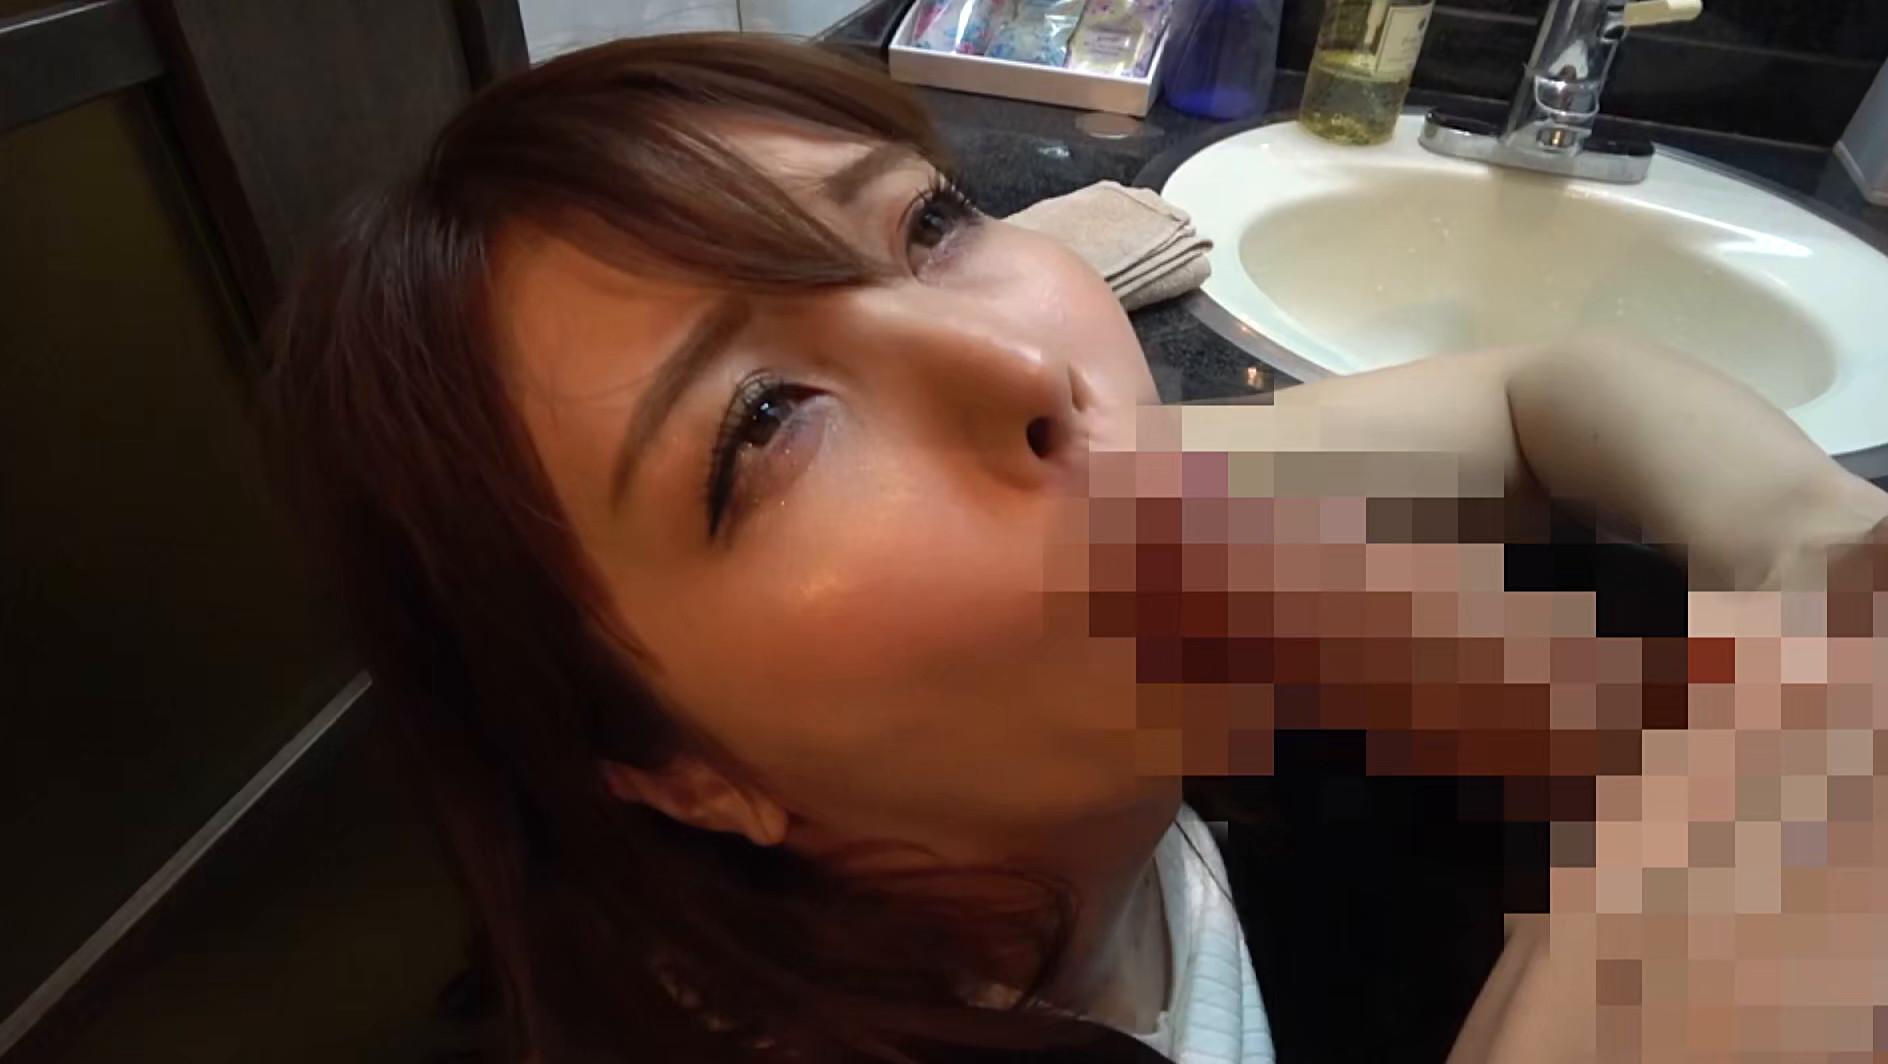 浮気に目覚めた人妻がホテルで浮気相手と濃厚SEX,のサンプル画像6